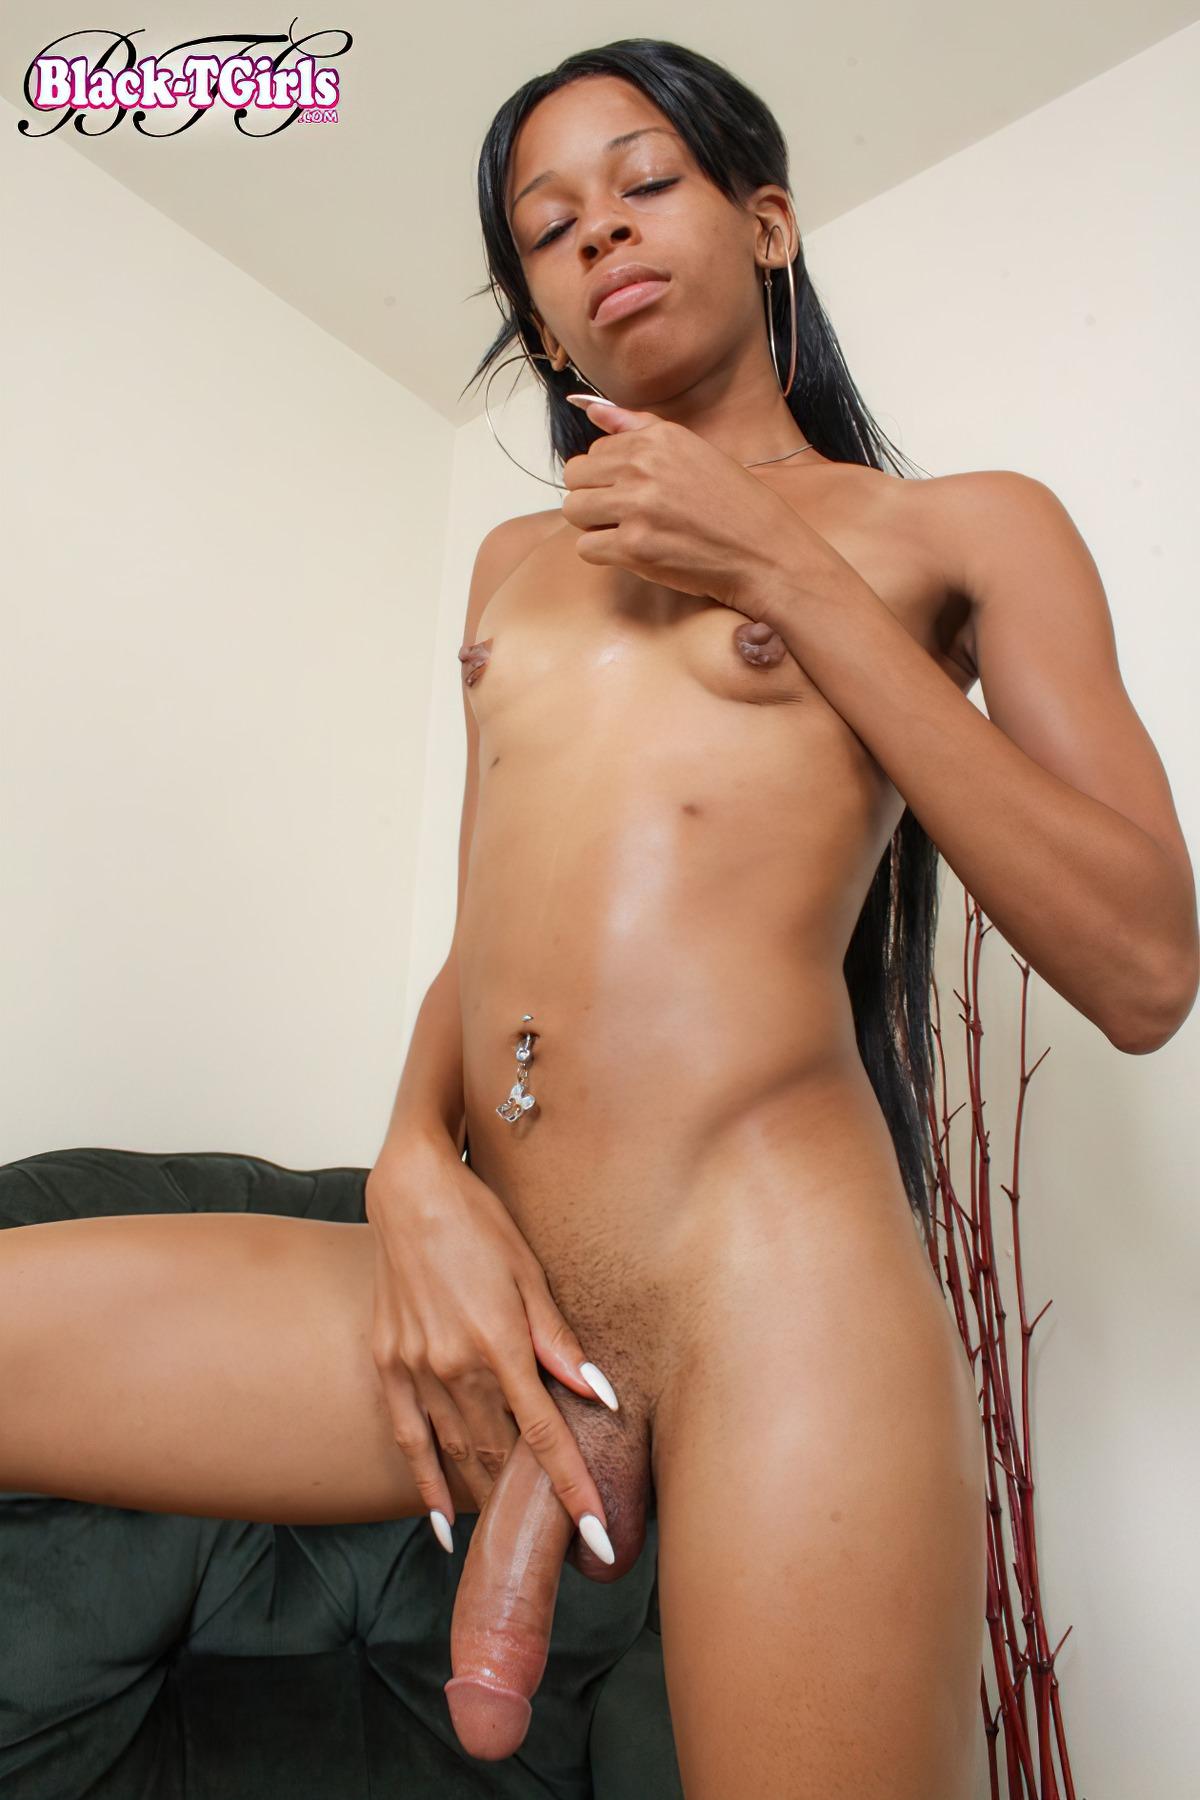 Shemale Negra com Pénis Grande (1)